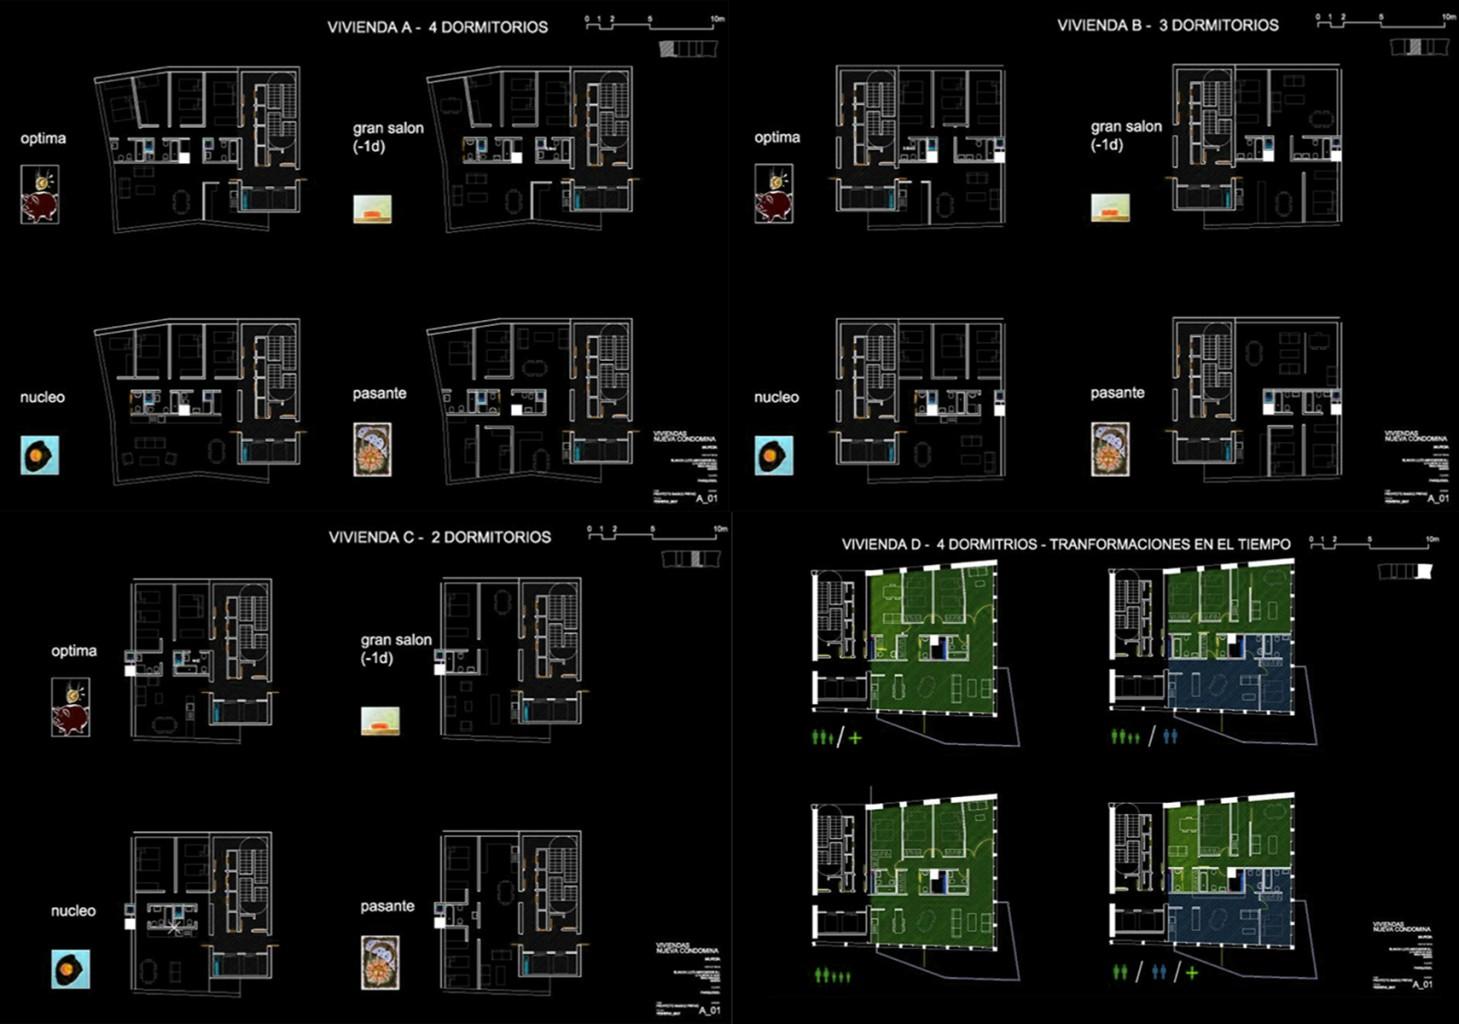 4 Torres de Vivienda en Nueva Condomina Blanca Lleó 02 copia 2